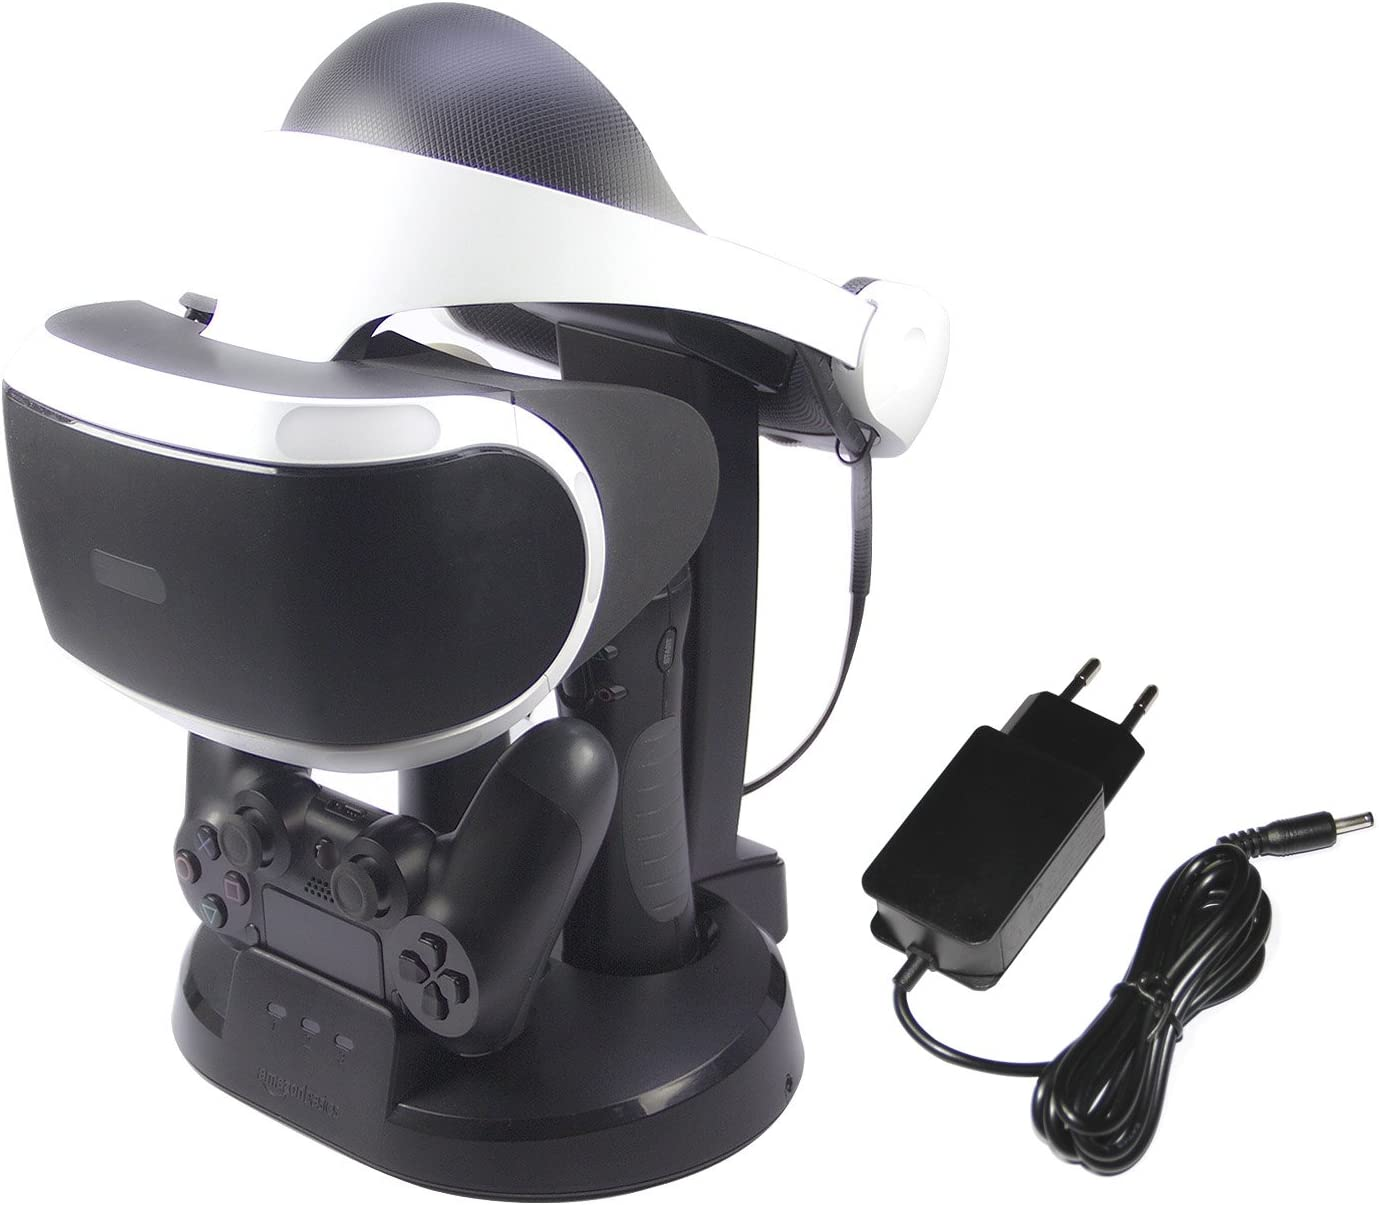 Amazon Basics - Estación de carga y expositor para PlayStation VR, Negro (Para CECH-ZCM1x series PS Move Motion Controller )